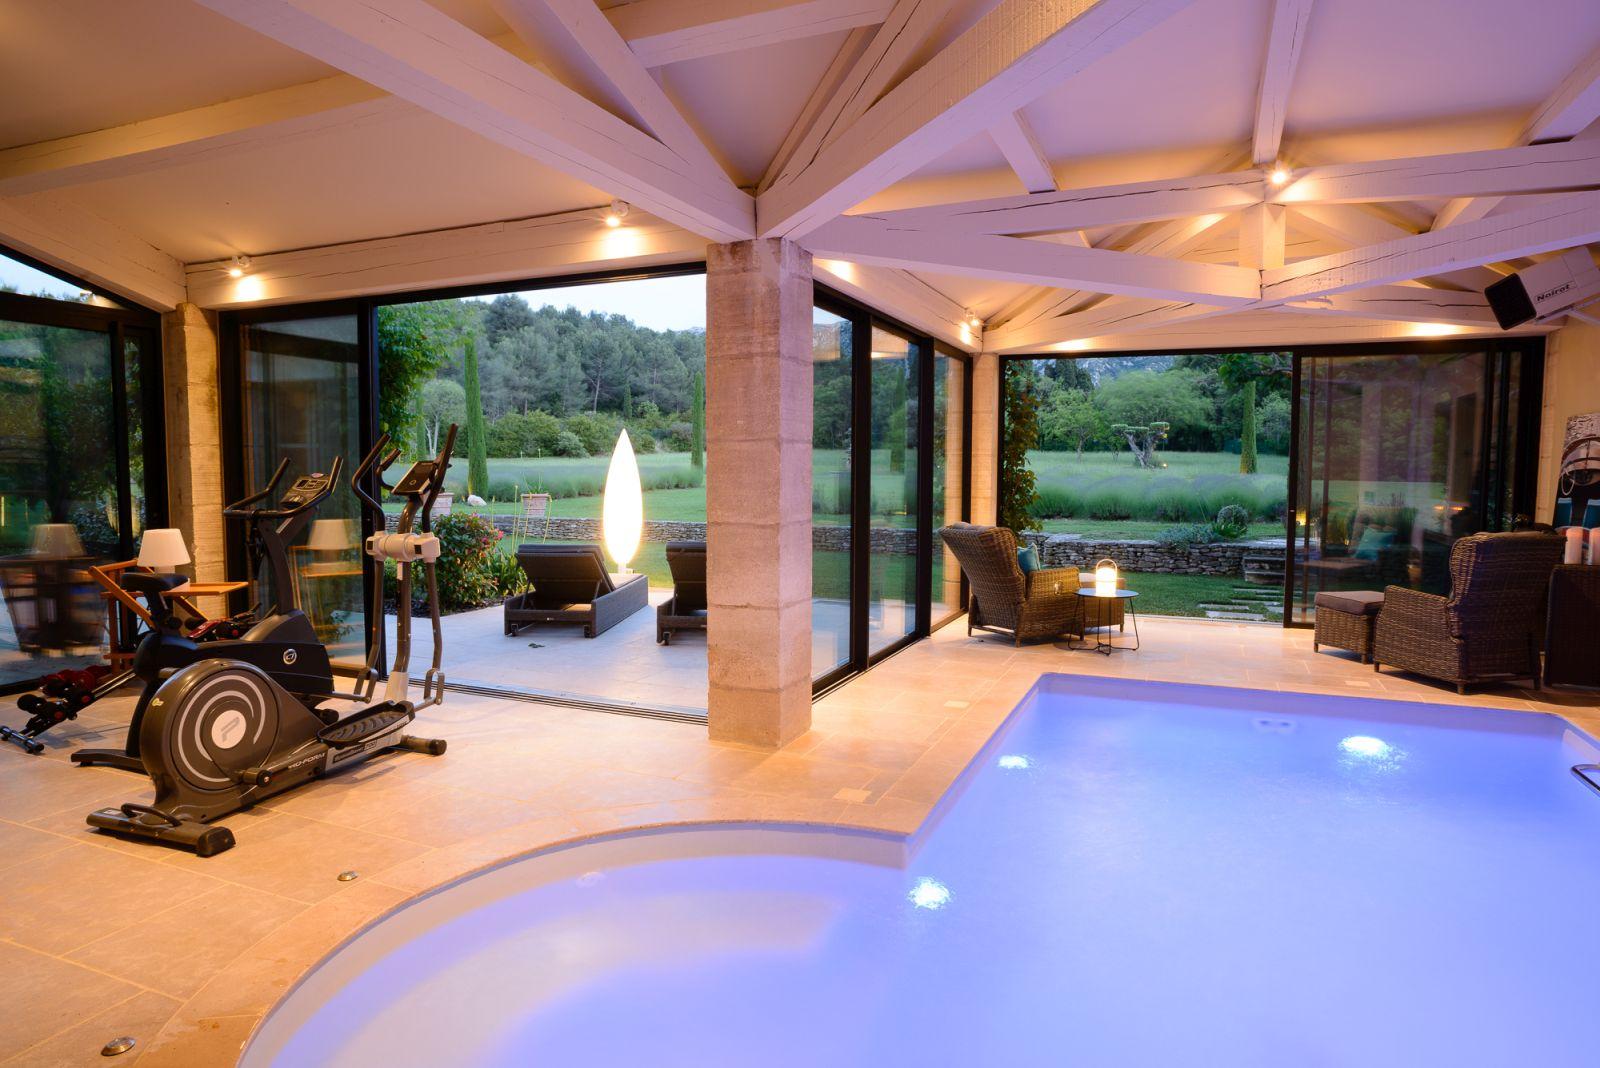 Location Villa Luxe Saint Remy De Provence Avec Piscine Privee Chauffee Et  Piscine Interieure tout Maison Piscine Intérieure